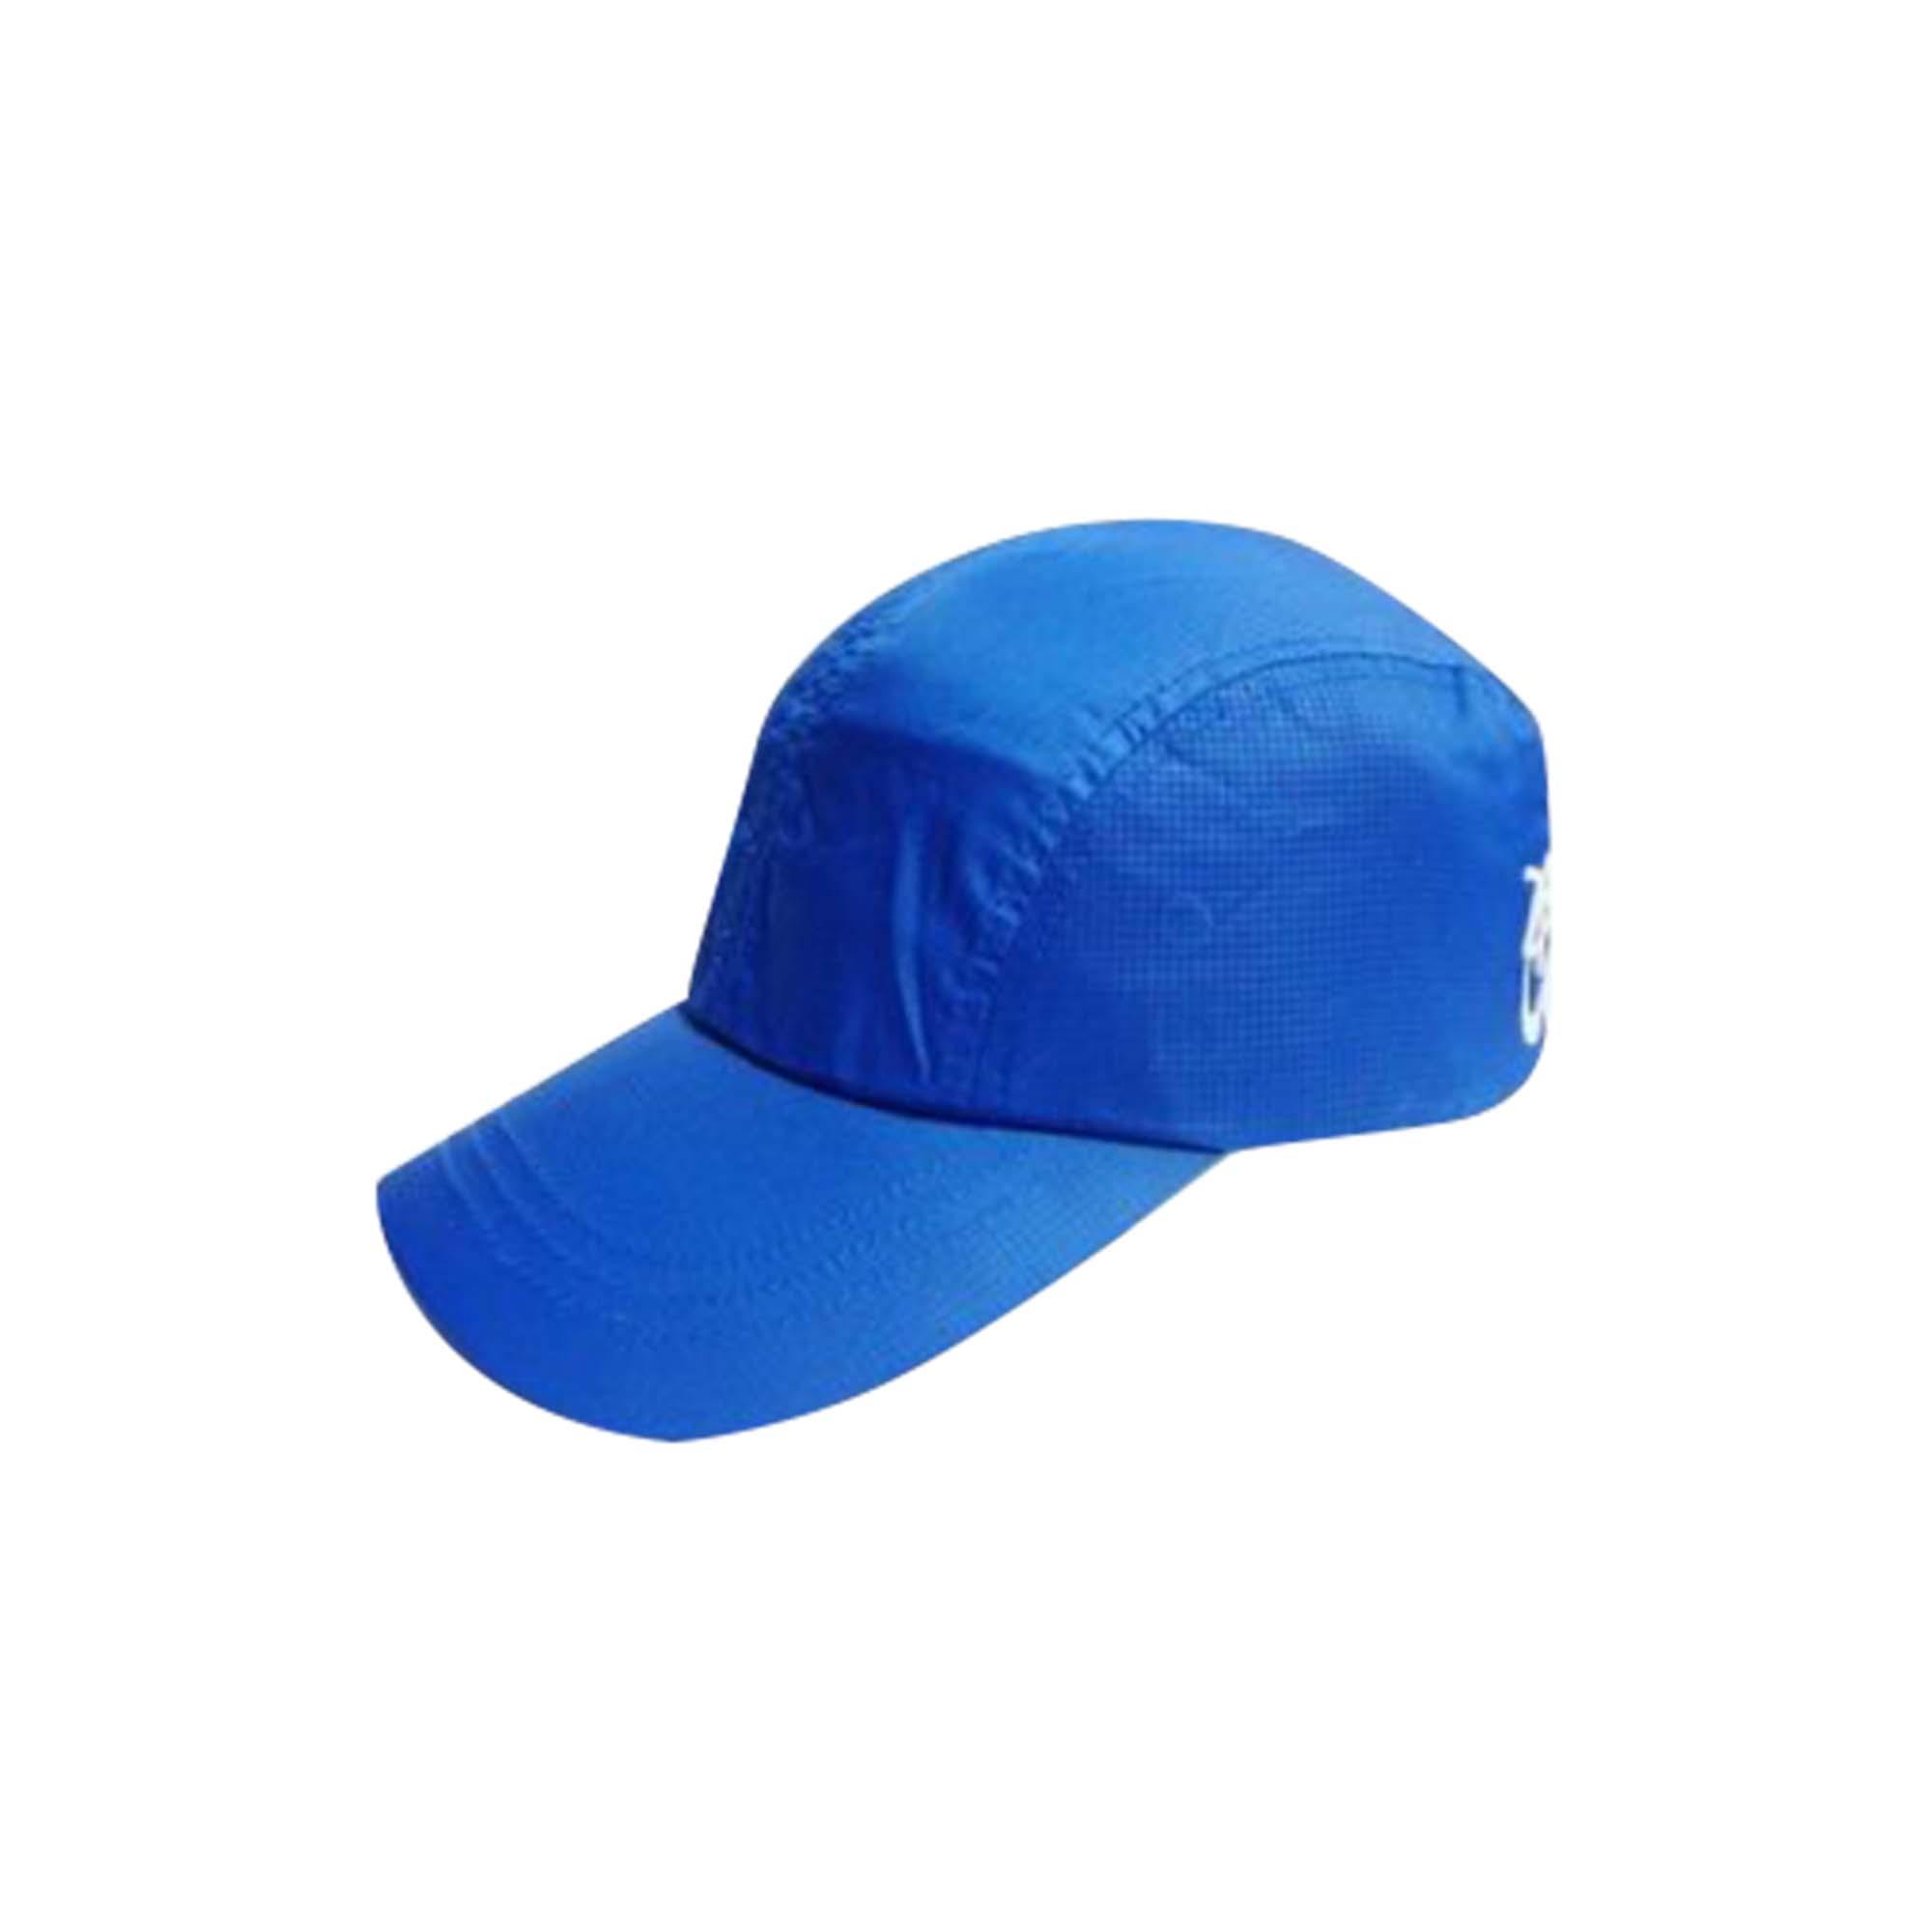 C04/HH - 4 PANELS CAP